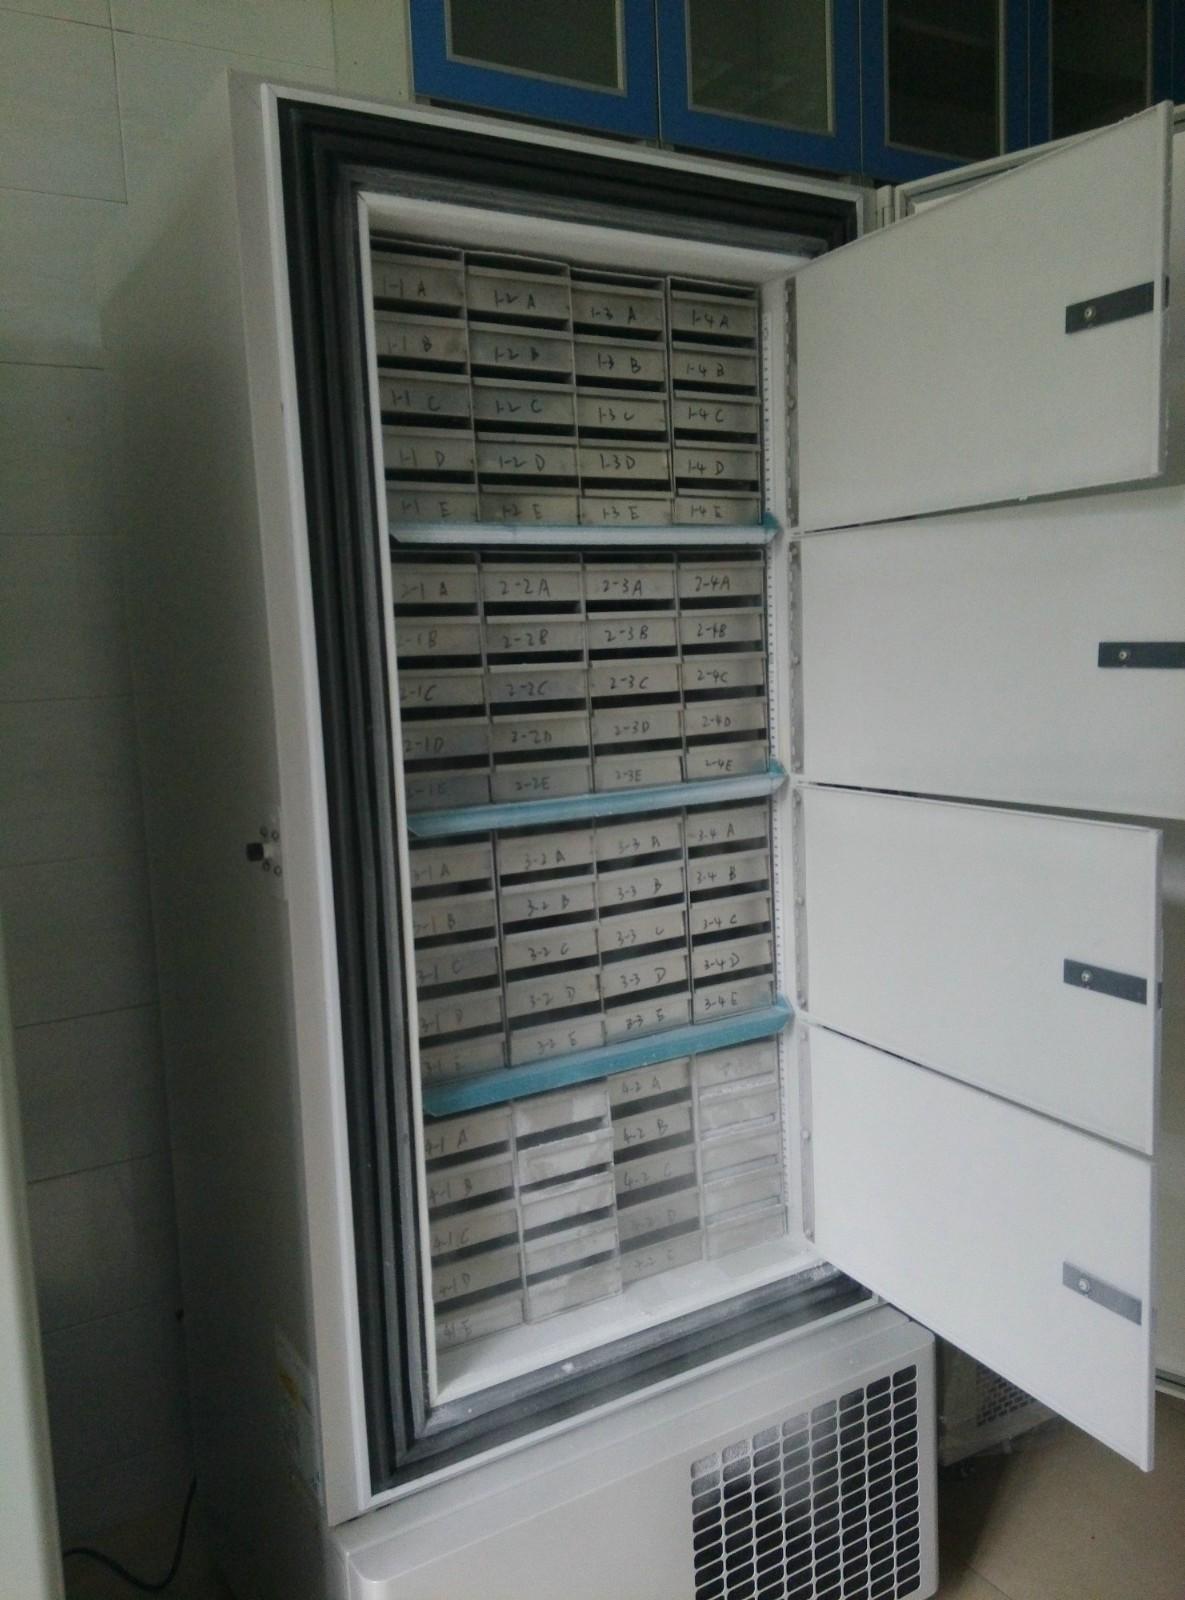 仪器仪表网 供应 实验室仪器设备 其他实验仪器装置 > 超低温冰箱架子